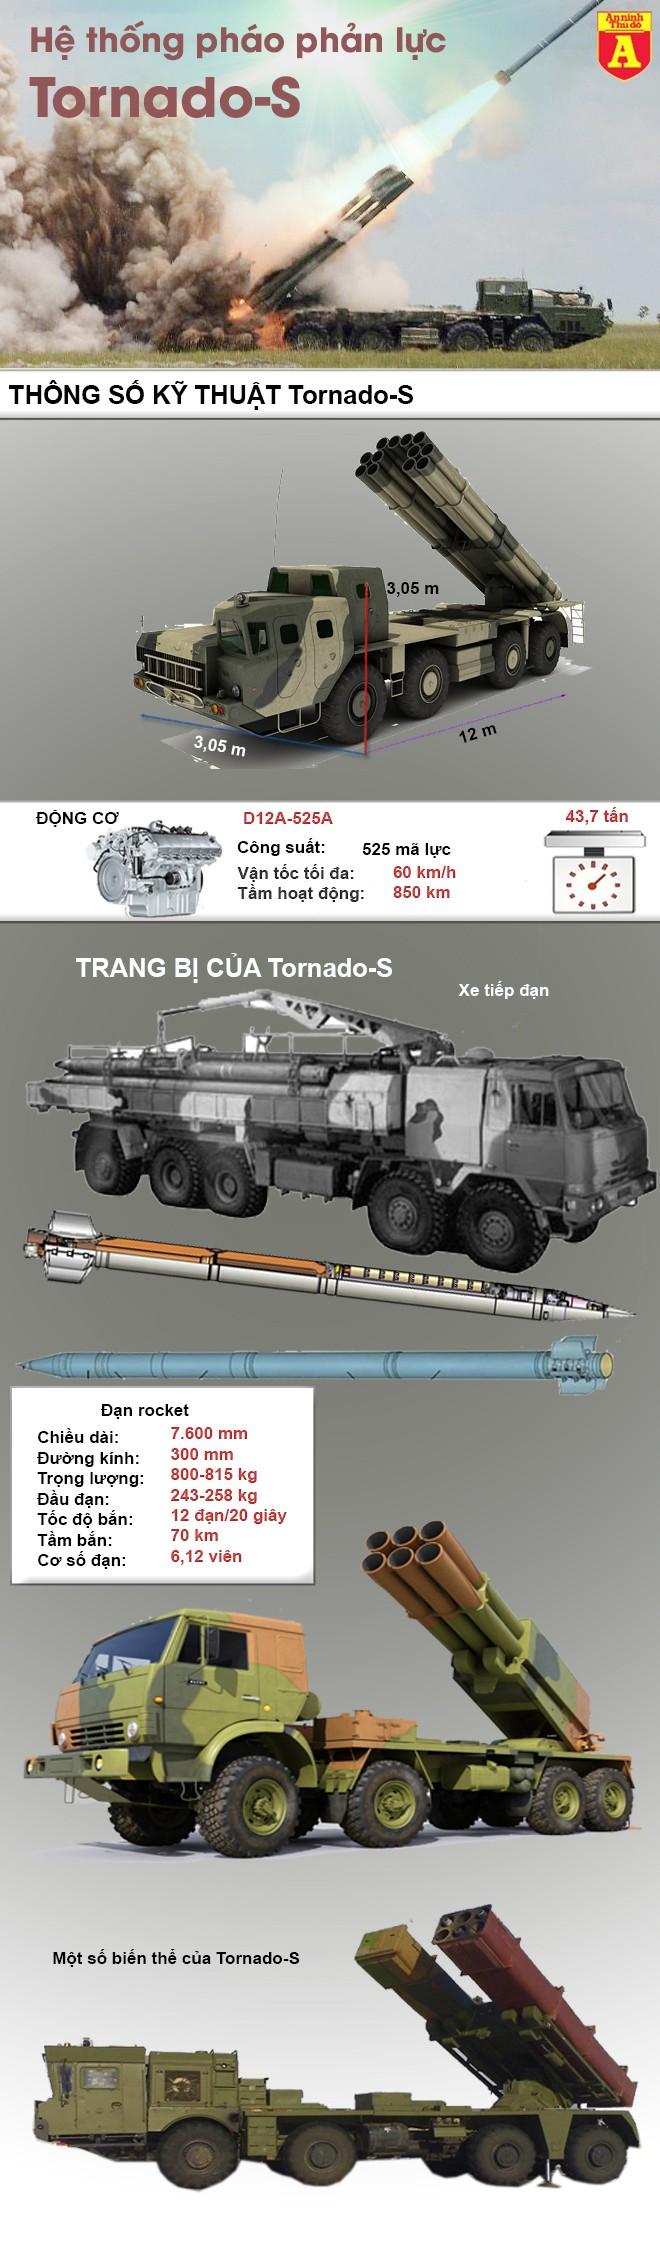 [Infographic] Nga bất ngờ triển khai 'hỏa thần hủy diệt' Tornado-S tới Syria ảnh 2